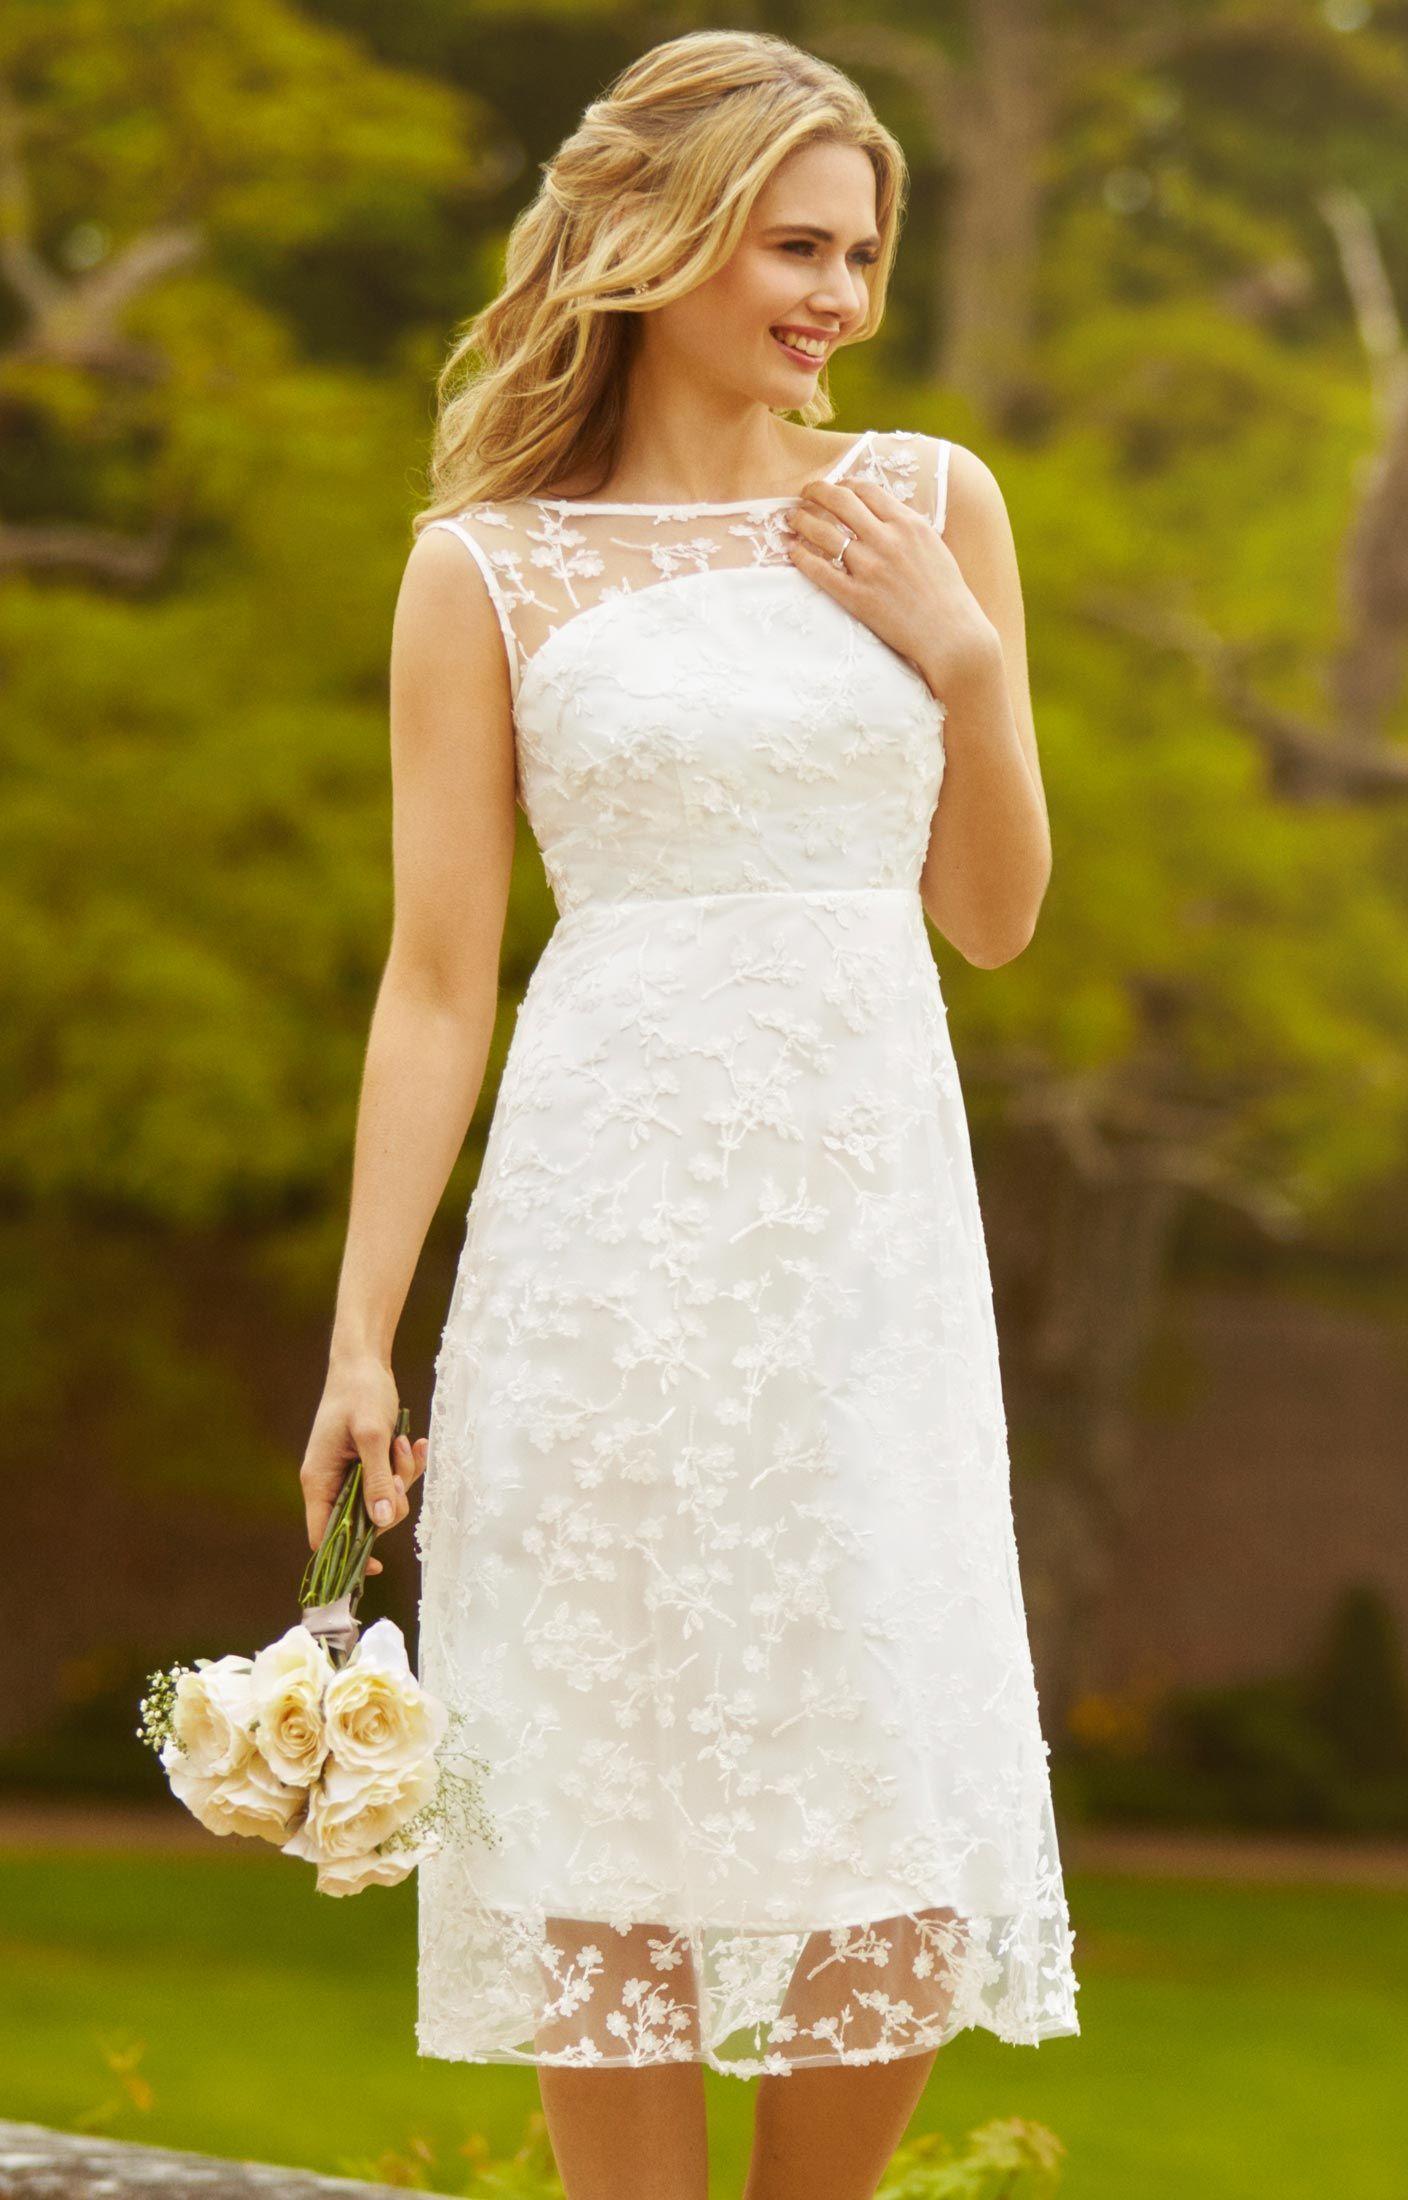 Midi Hochzeitskleid - Abendkleider & elegante Ballkleider